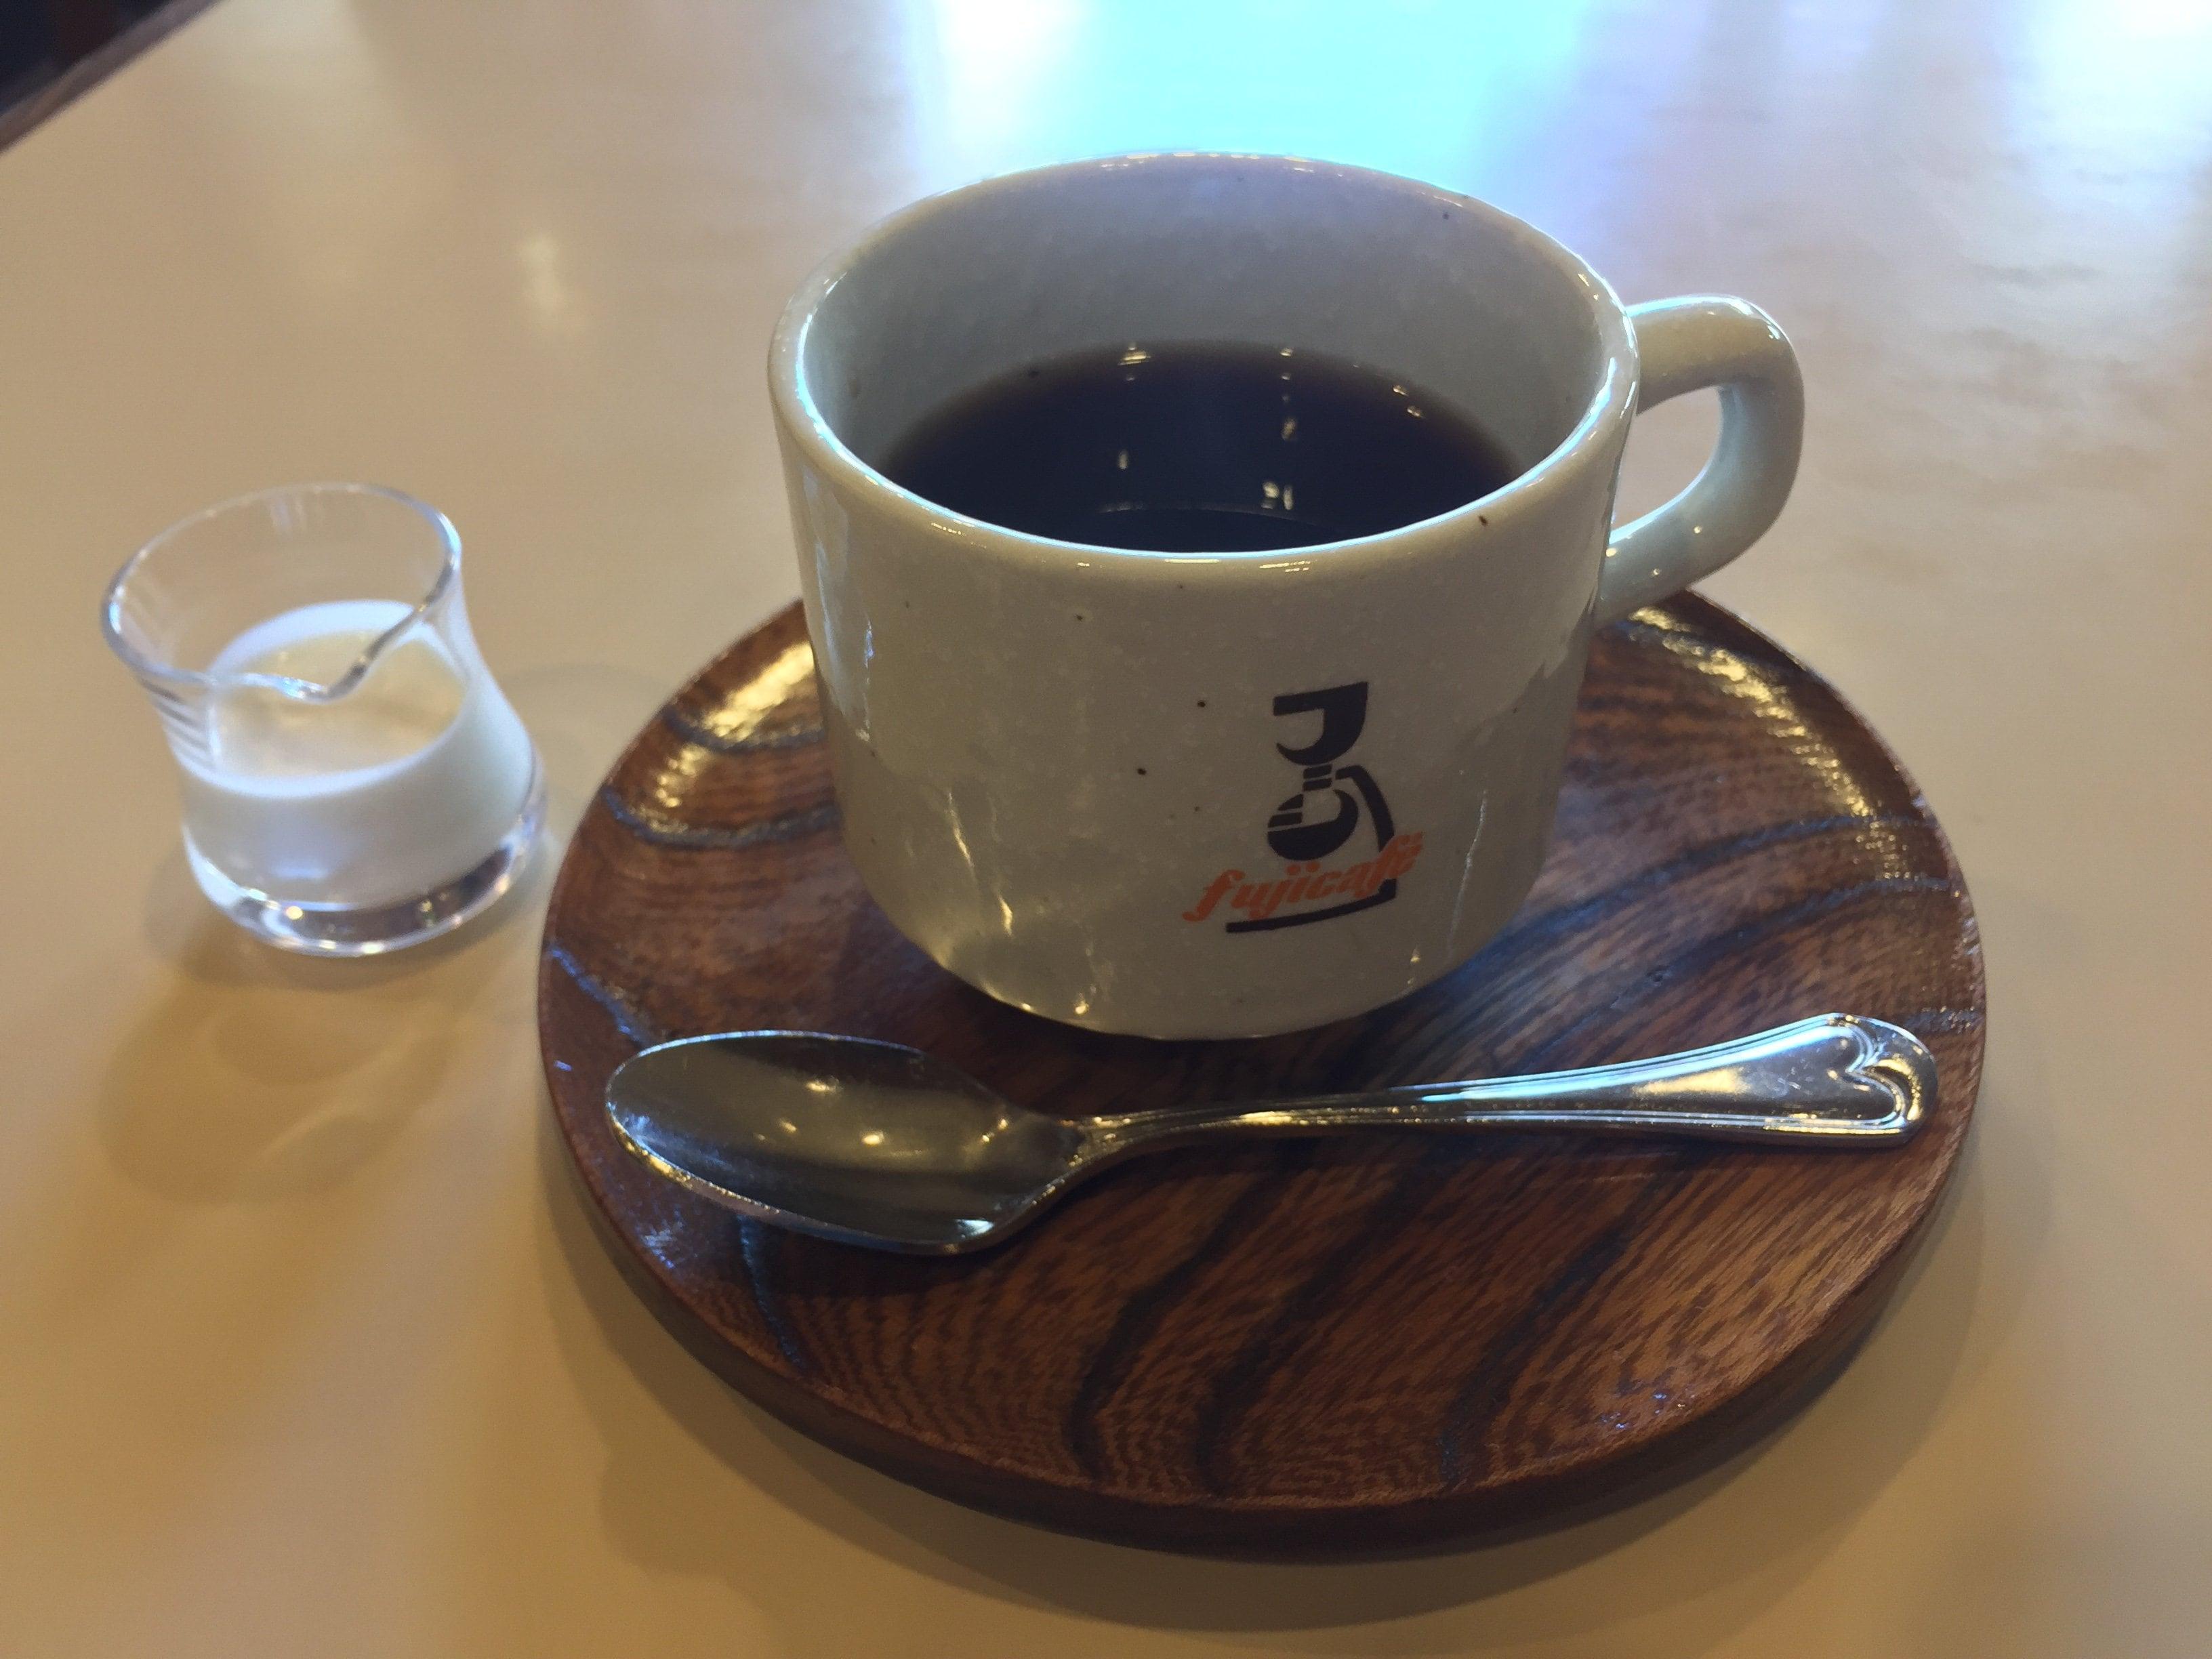 元SKE48&AKB48木崎ゆりあが番組で紹介した喫茶店は名古屋文化を受け継ぐ名店の画像001